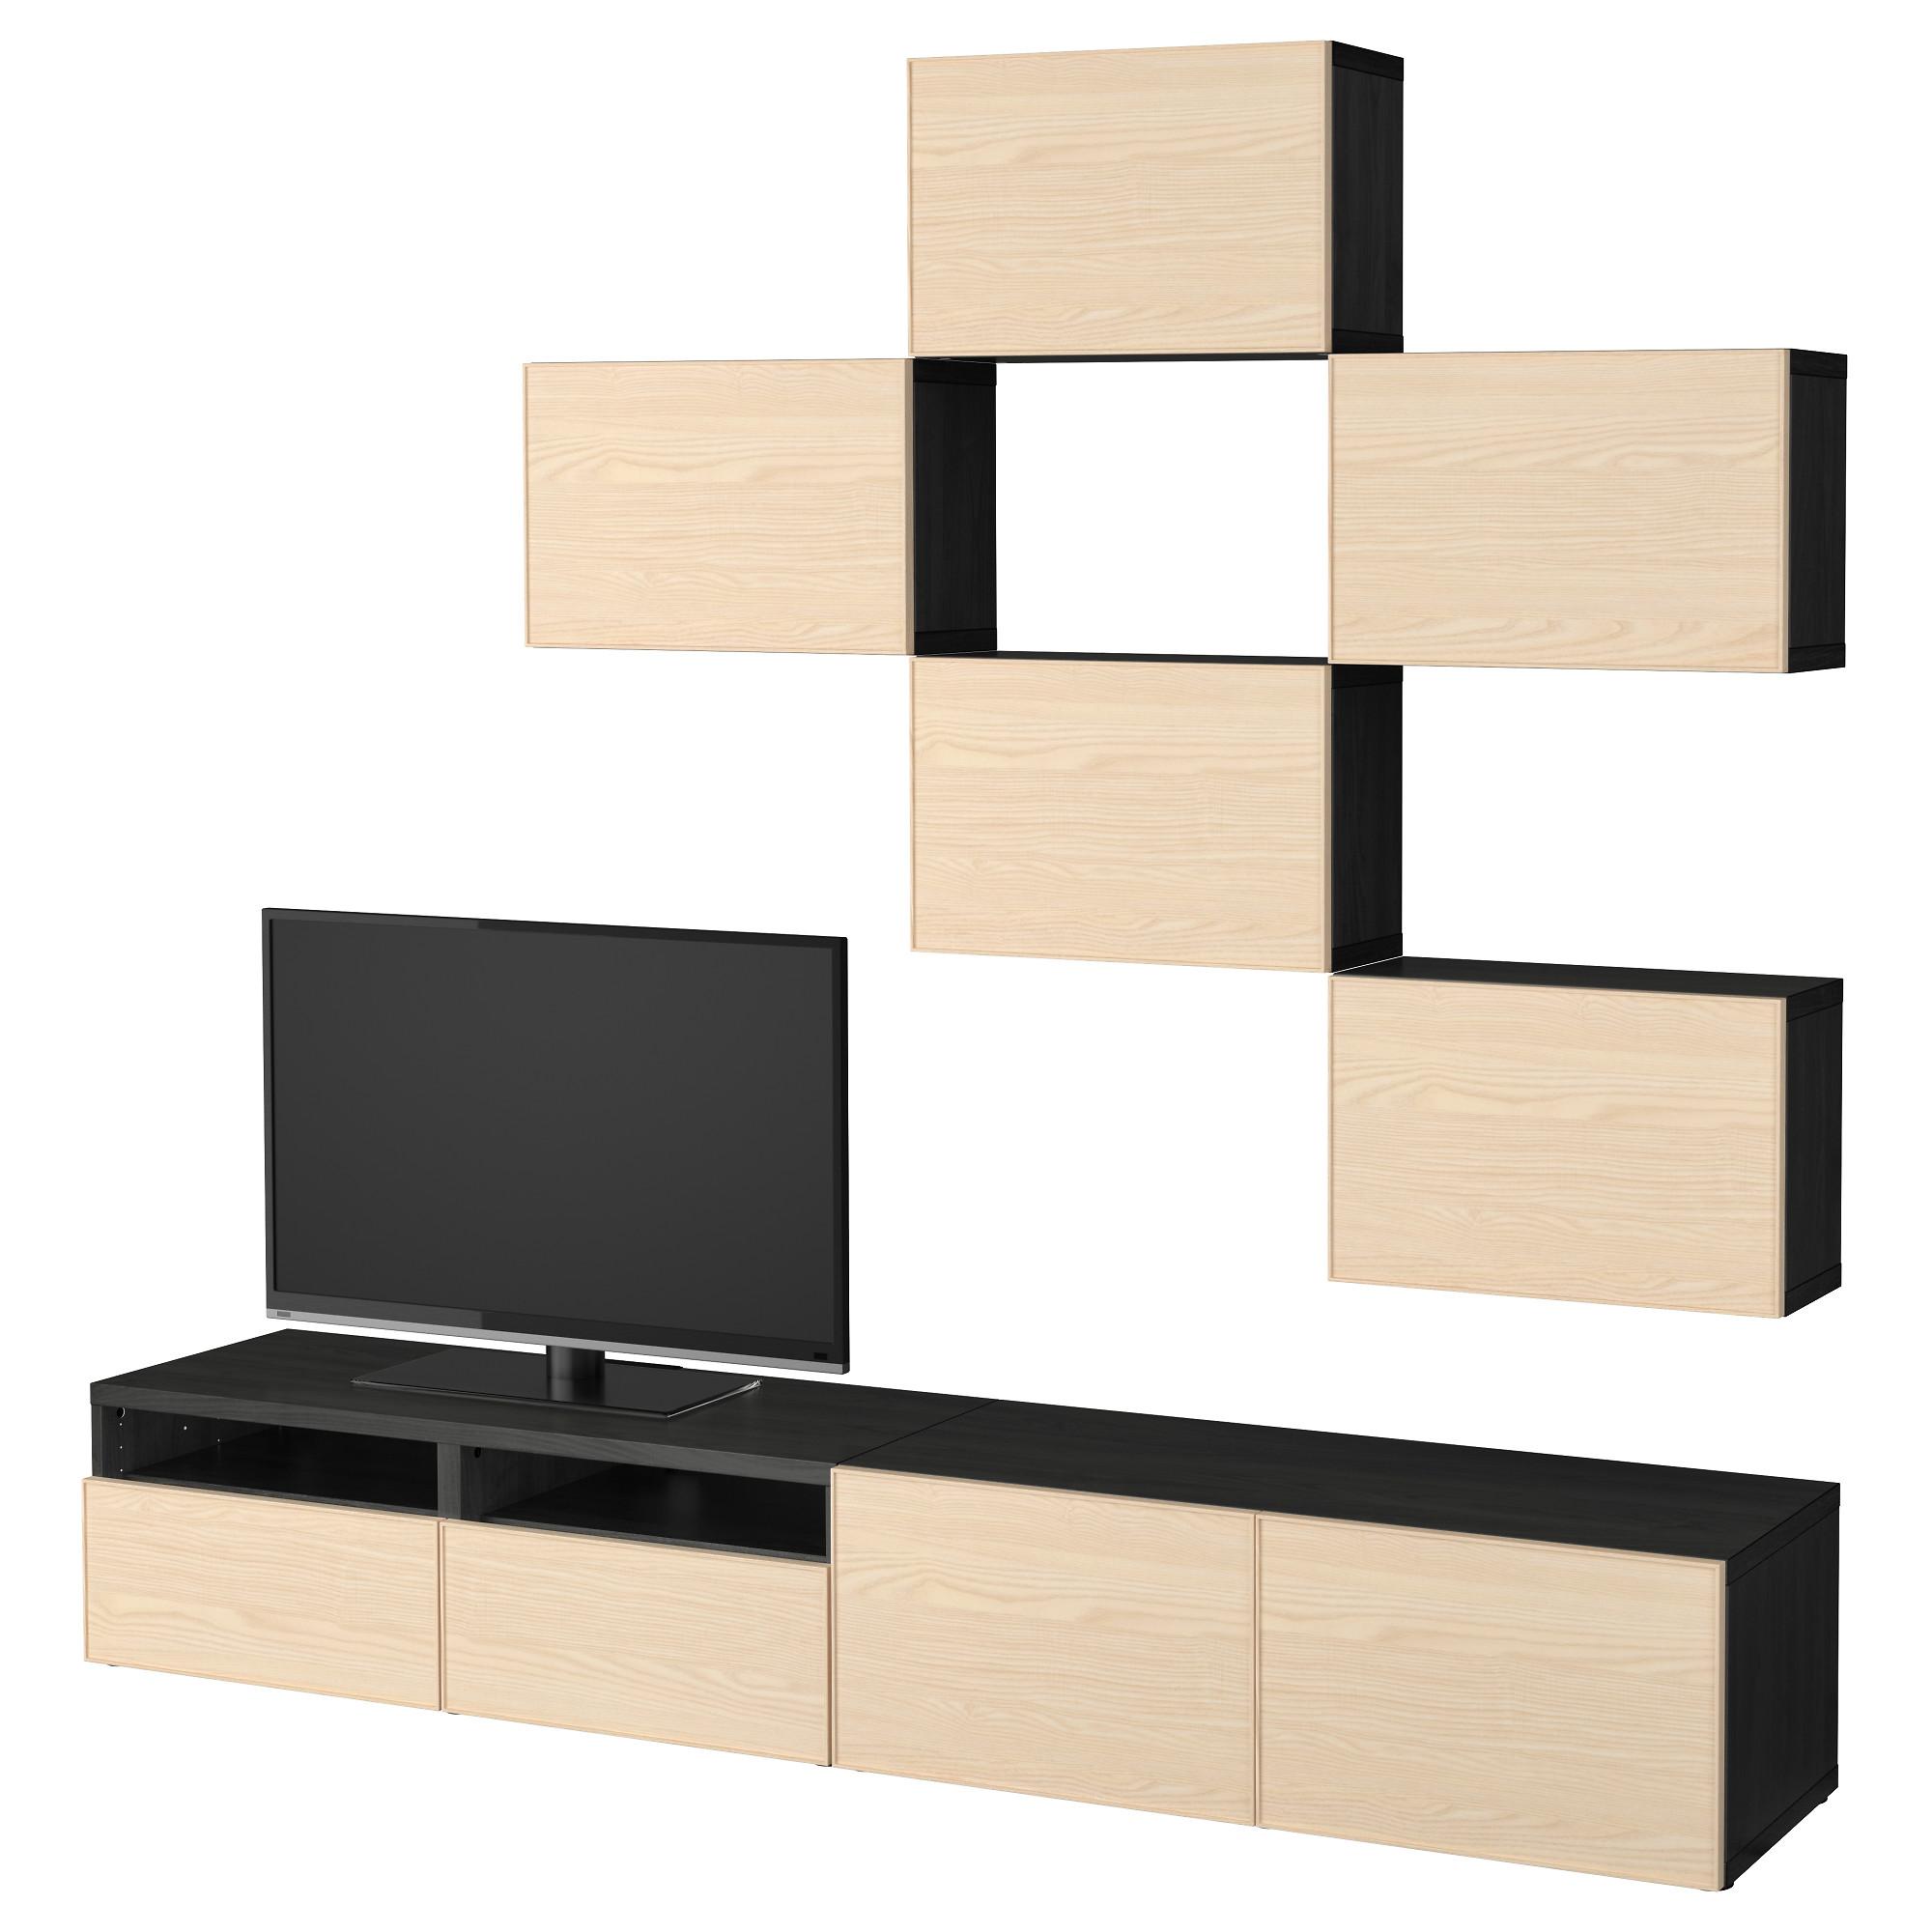 Шкаф для ТВ, комбинация БЕСТО черно-коричневый артикуль № 592.514.21 в наличии. Online сайт IKEA Минск. Быстрая доставка и монтаж.